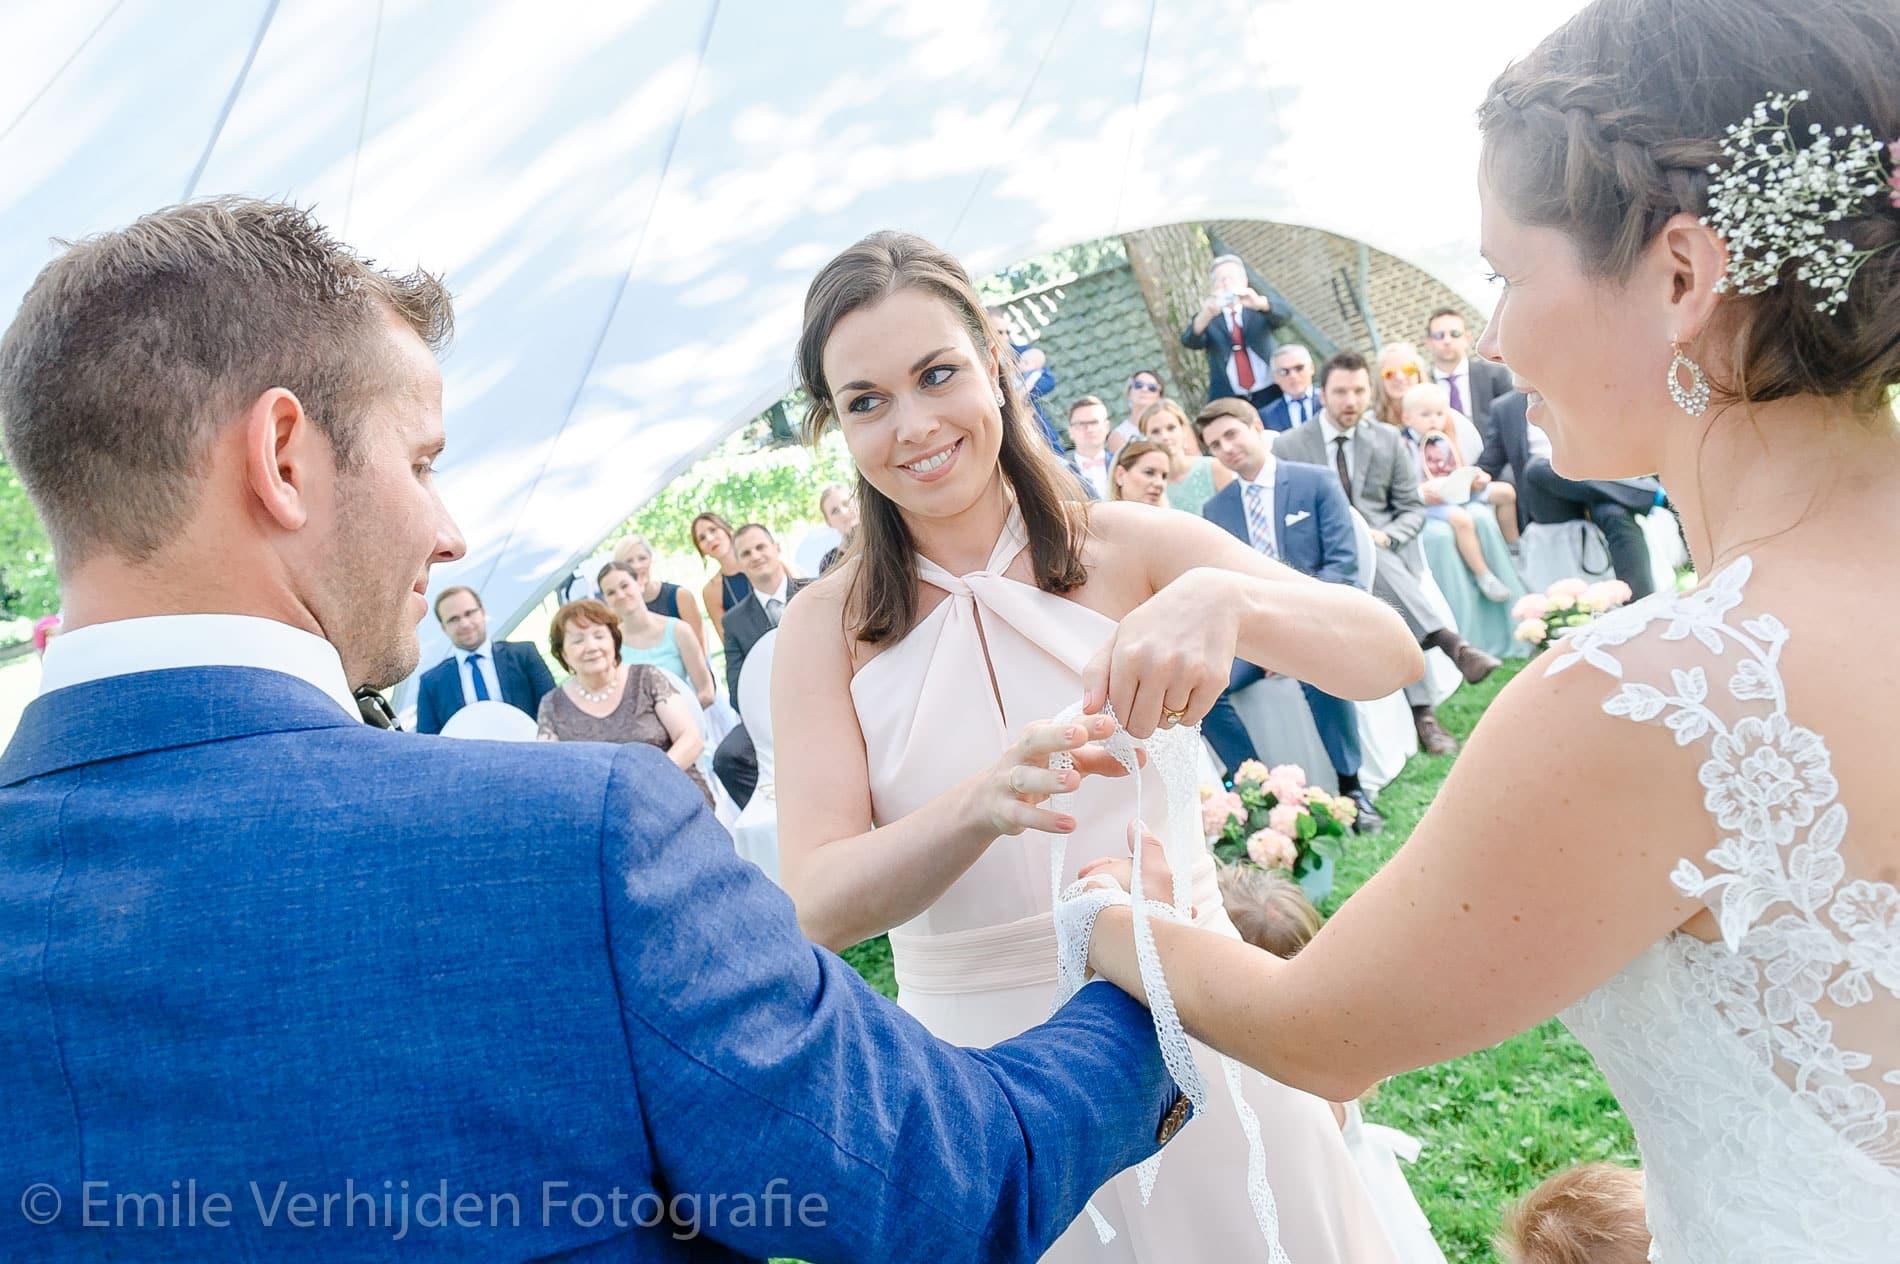 Samen verbonden in een ritueel- Bruidsfotografie Winselerhof Landgraaf - Kerkrade